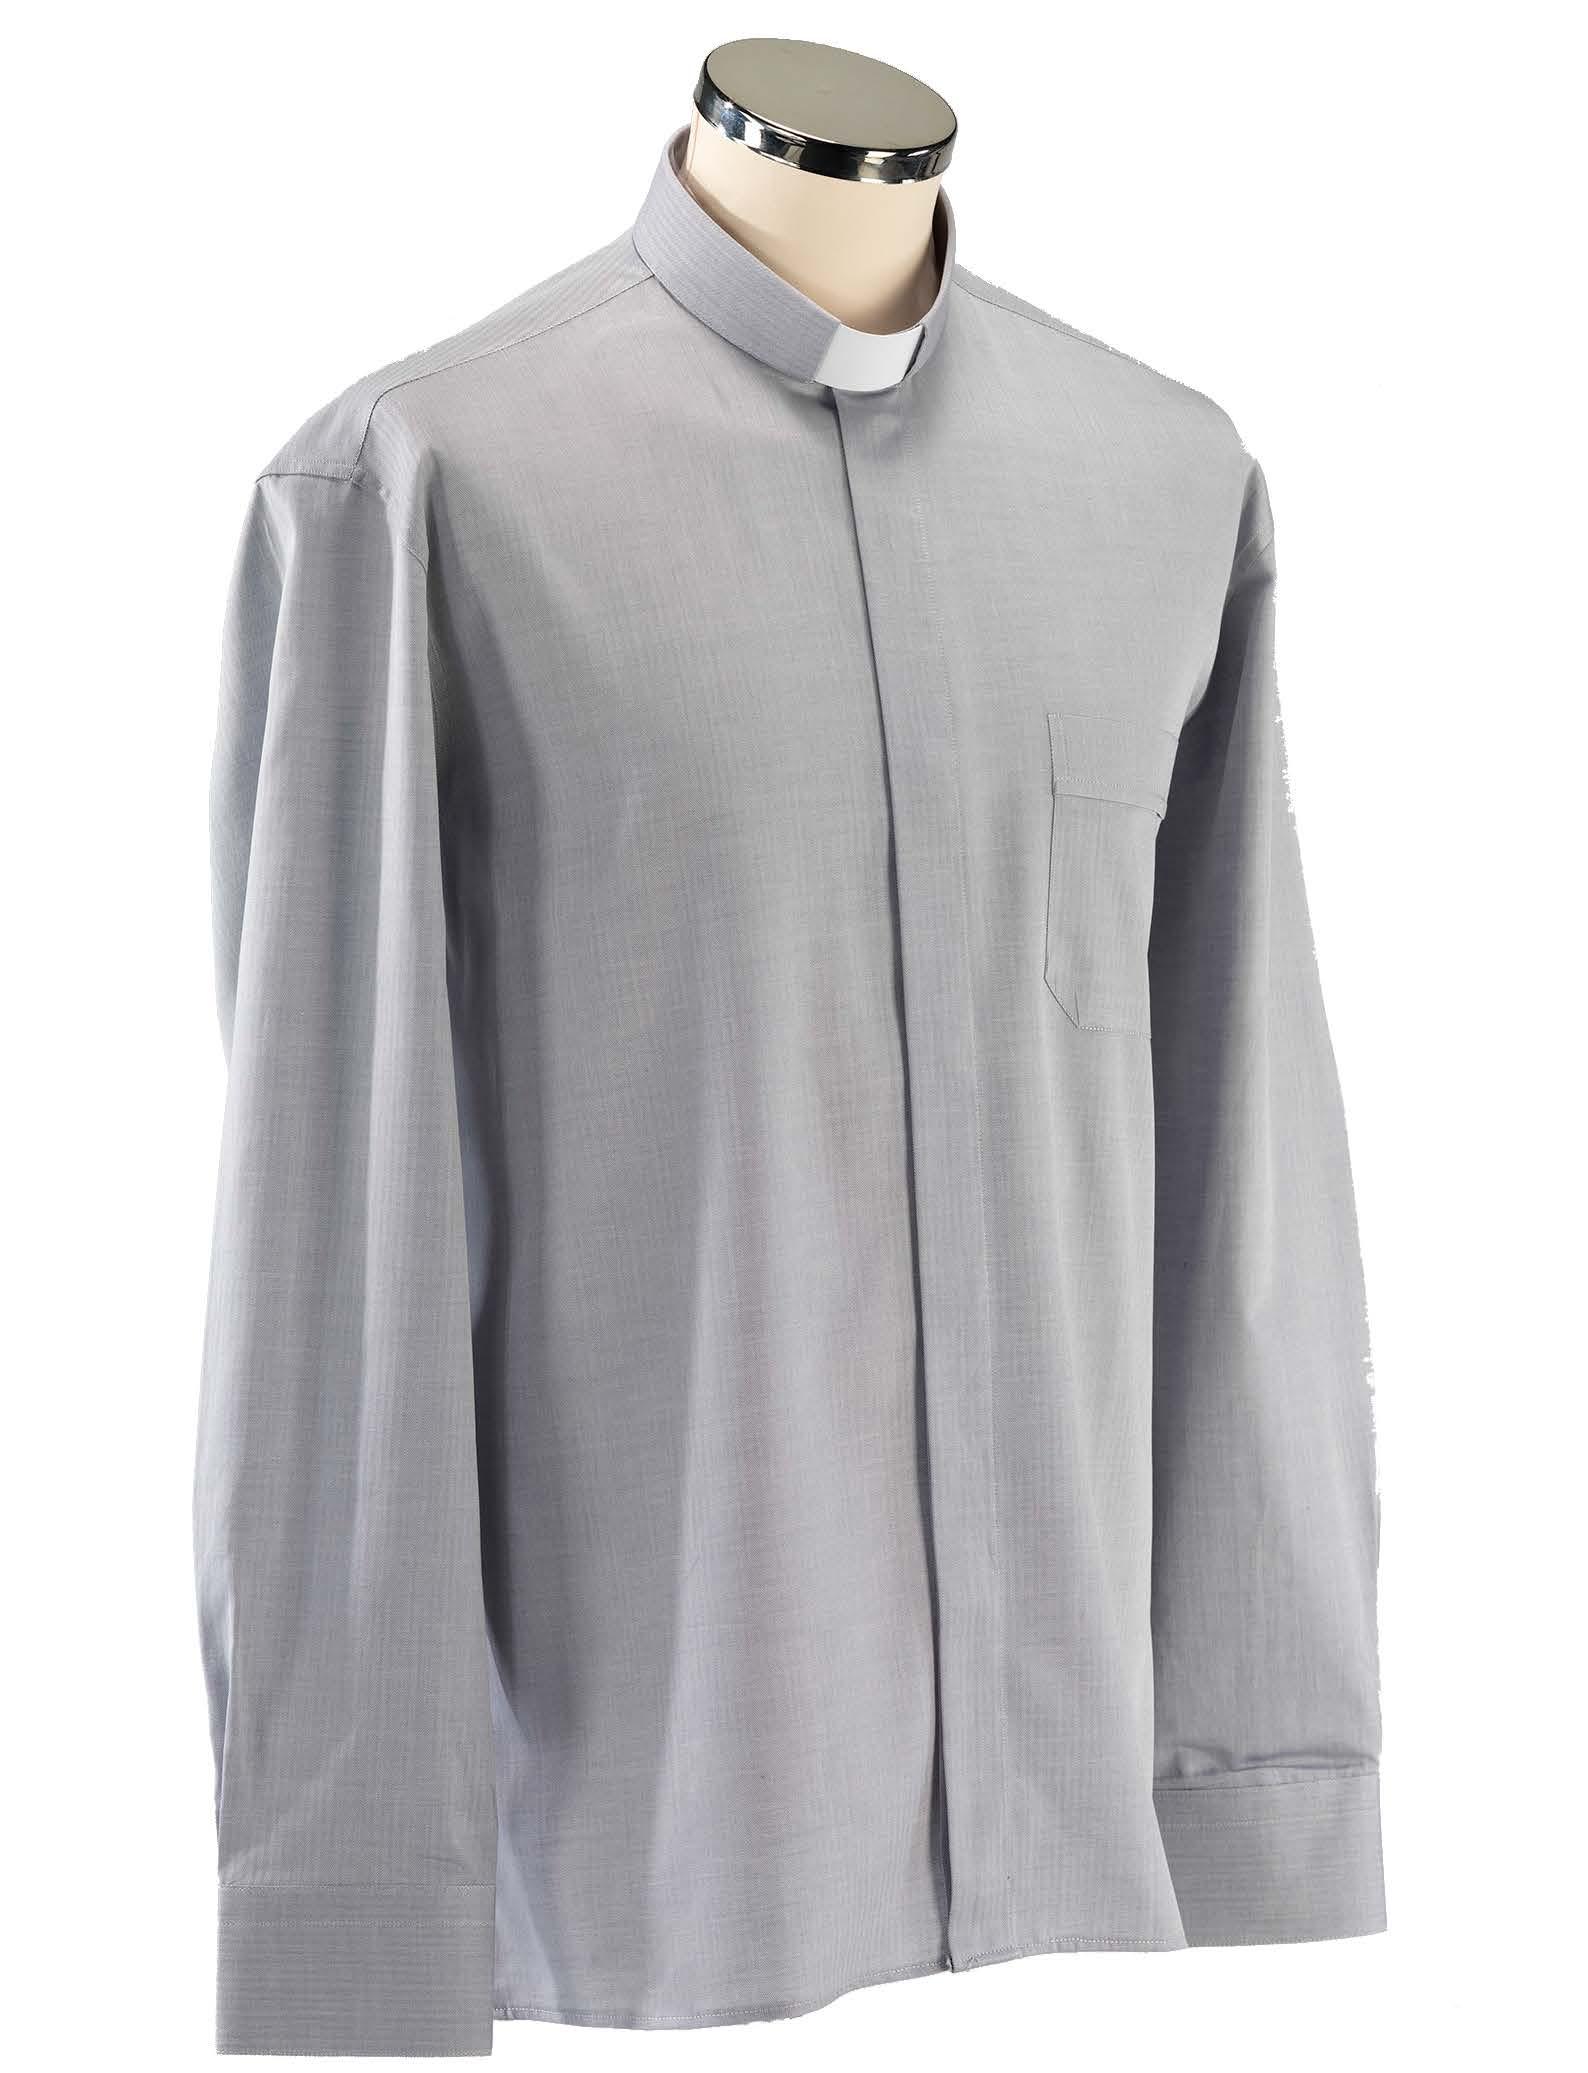 01_clergy-shirts